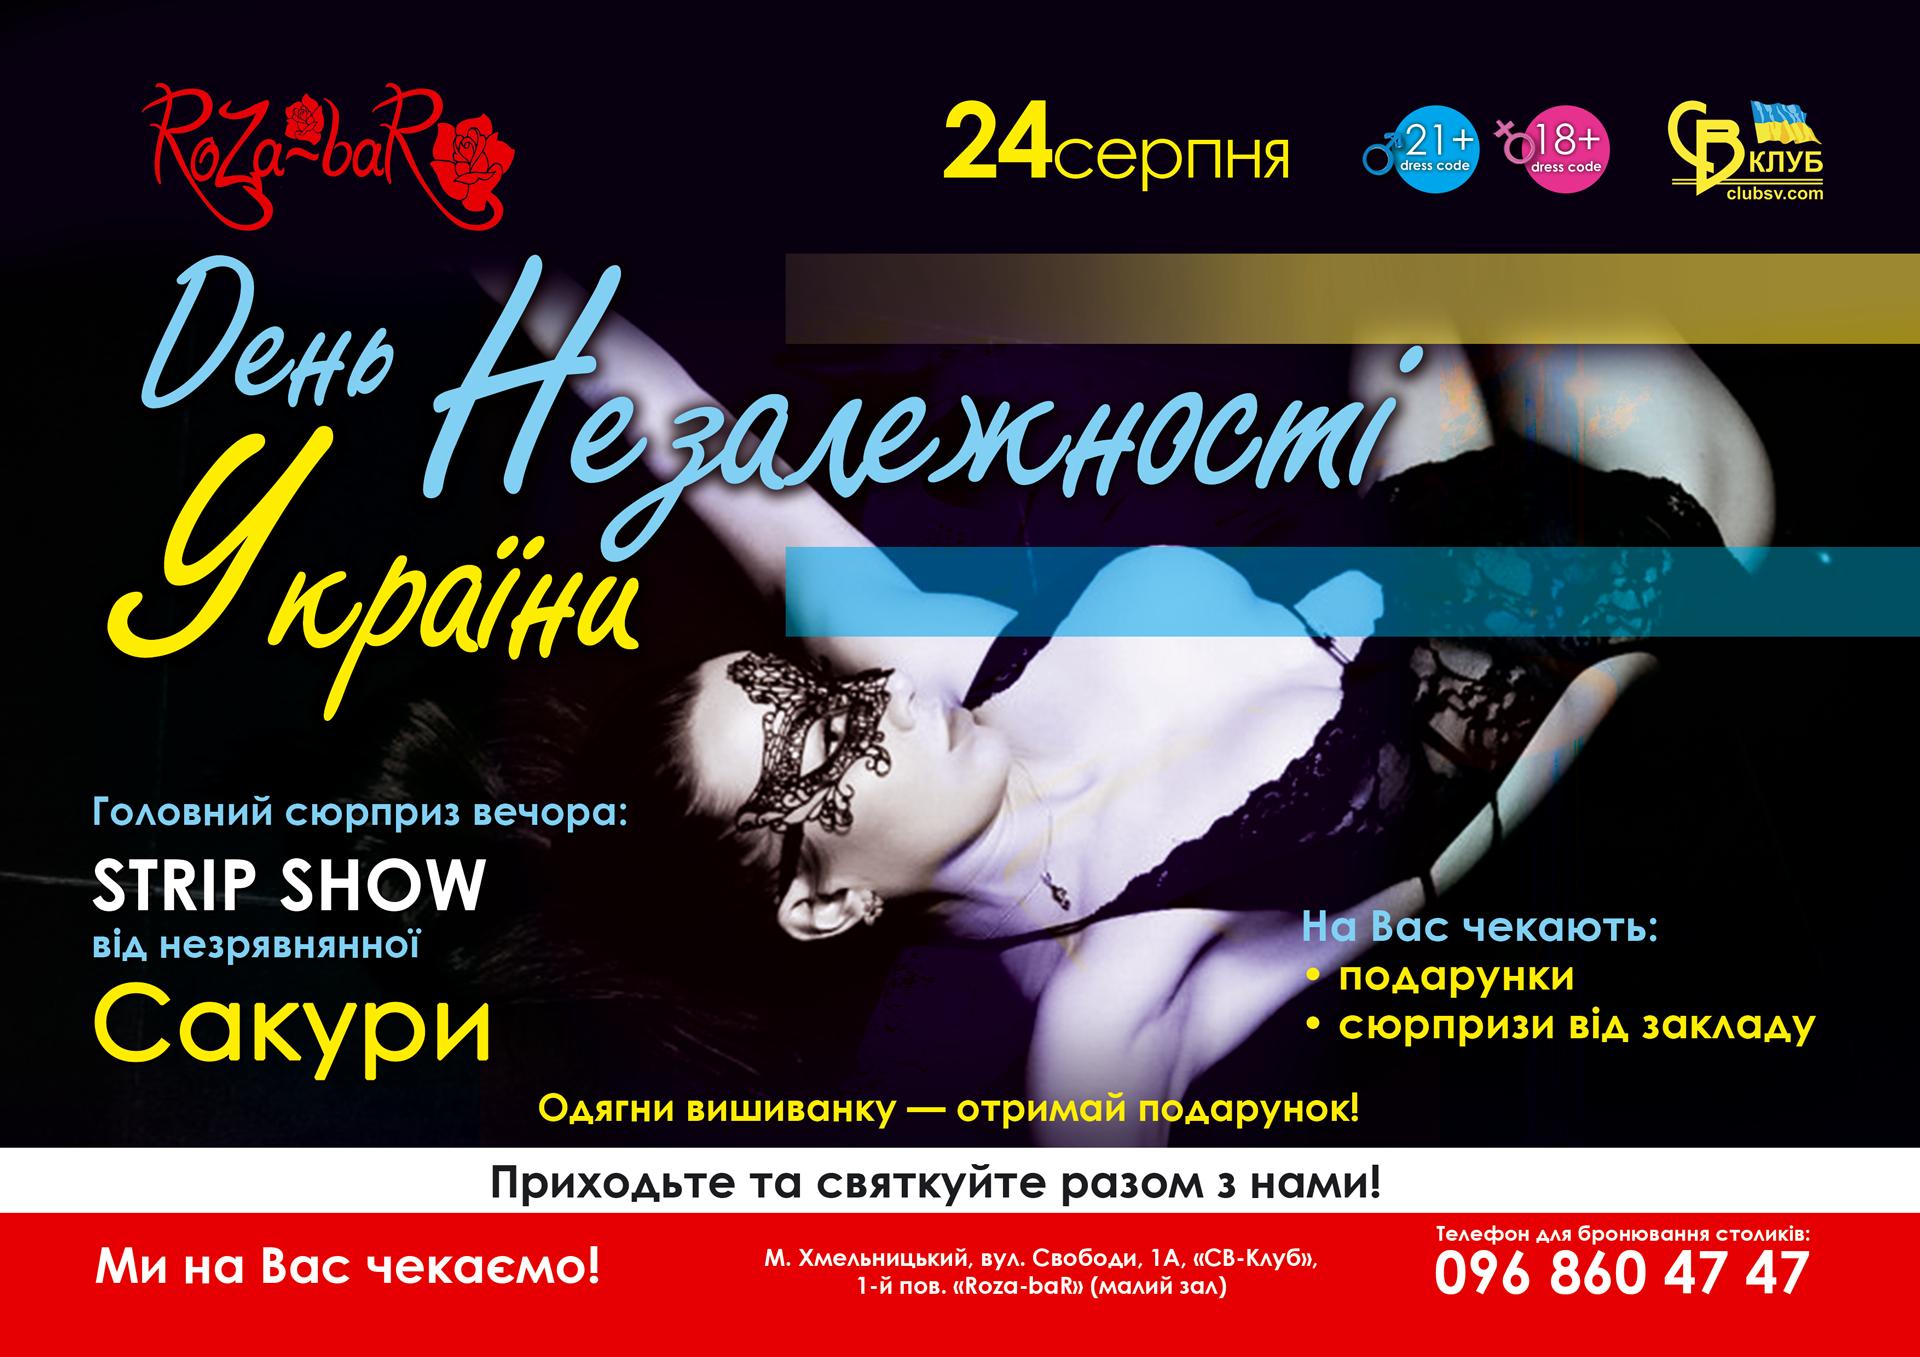 день незалежносты України у диско-клубі Роза Бар 2018